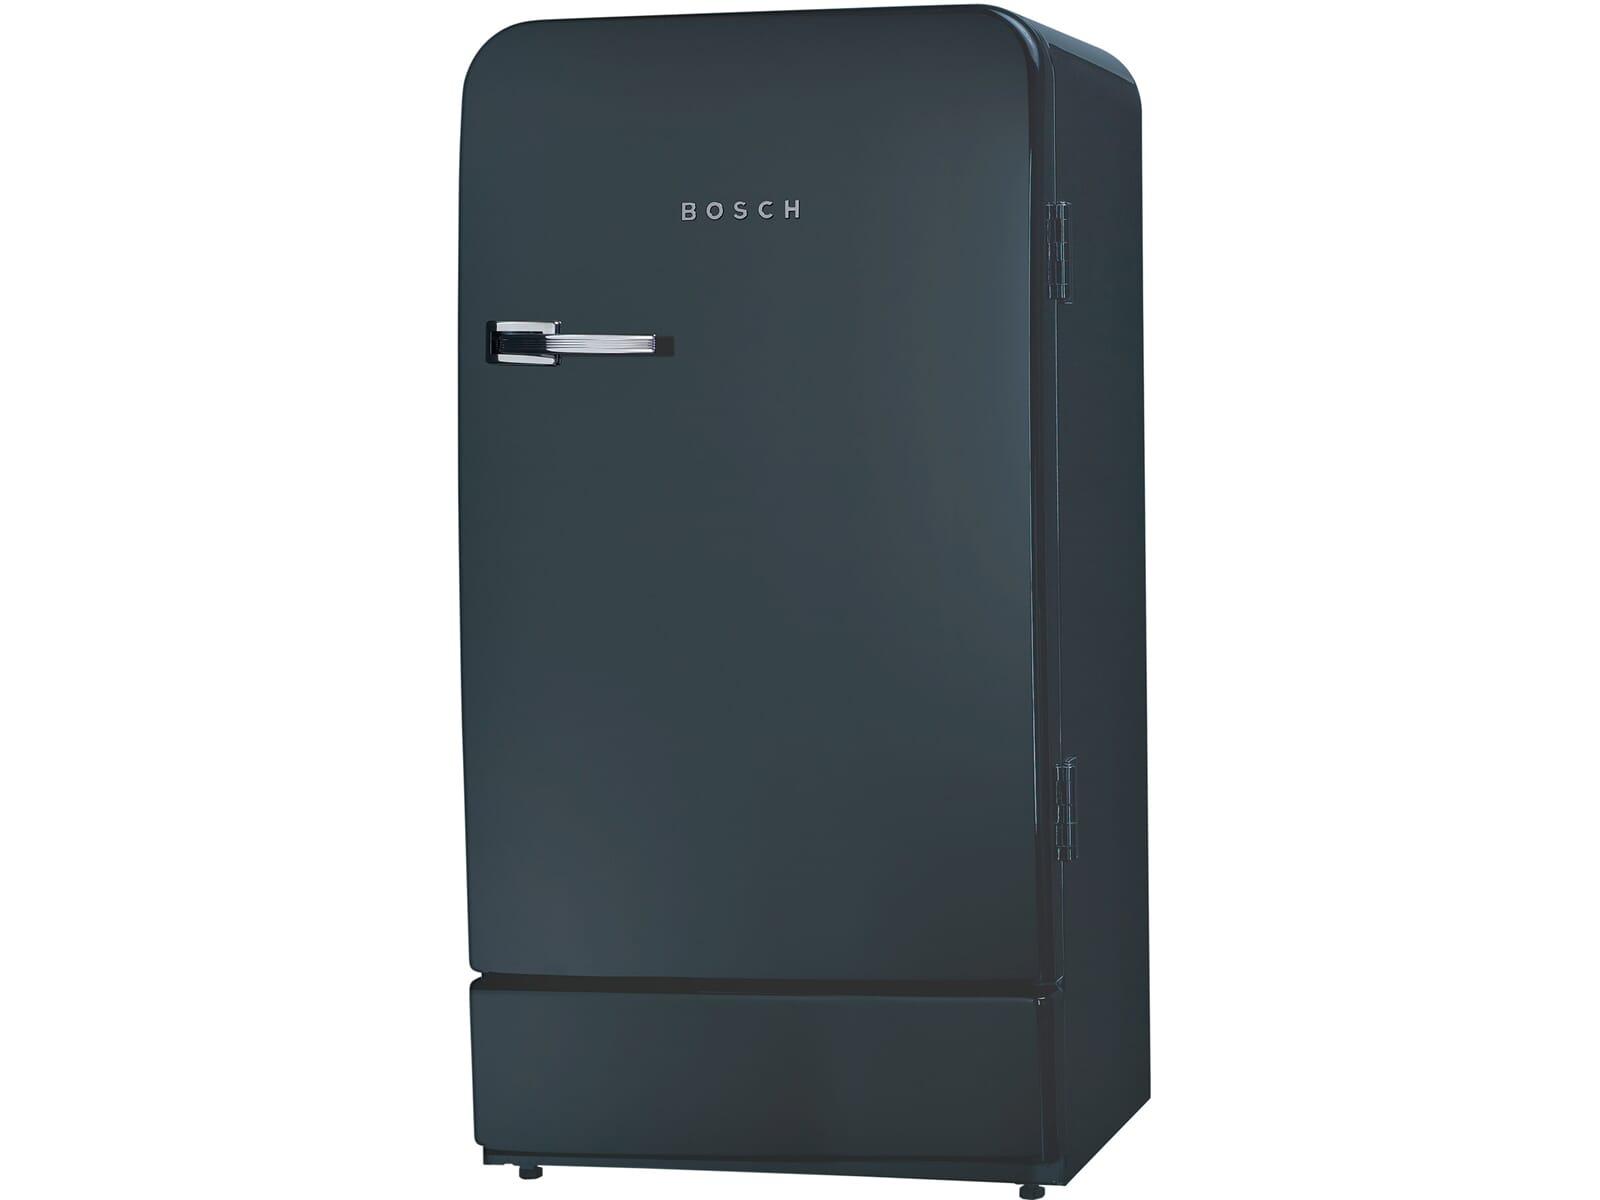 Retro Kühlschrank Xxl : Kühlschrank bosch retro catherine lybarger